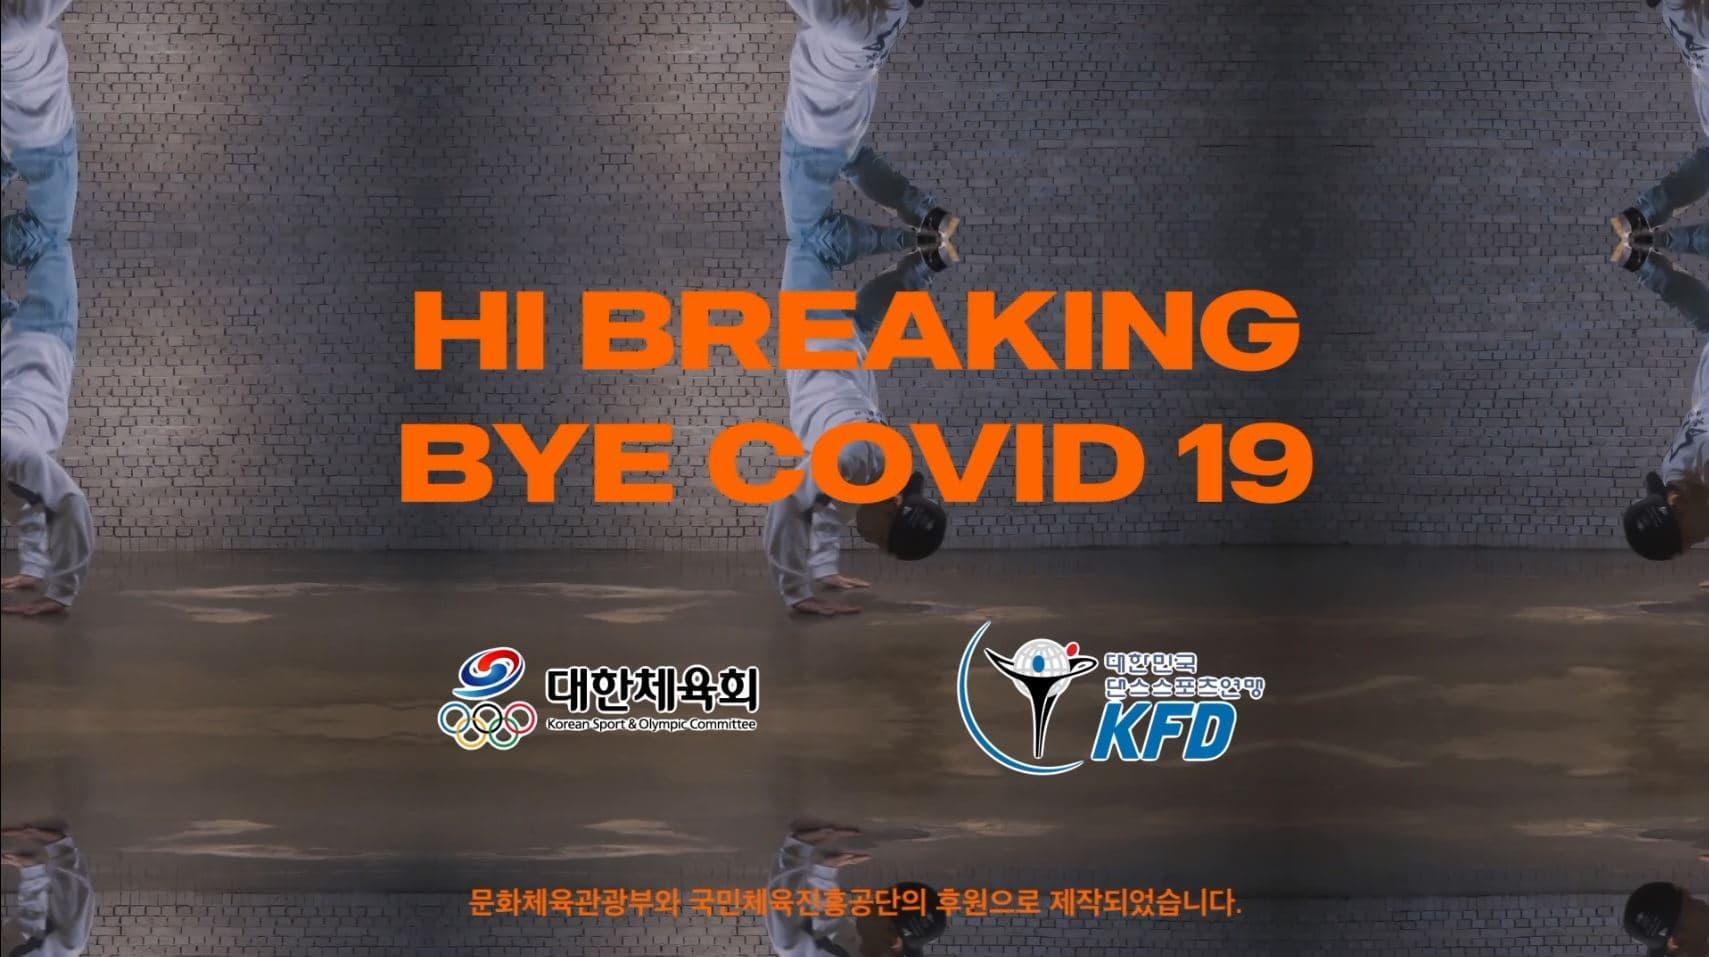 하이 브레이킹 바이 코로나-19 파트2 HI BREAKING BYE COVID-19